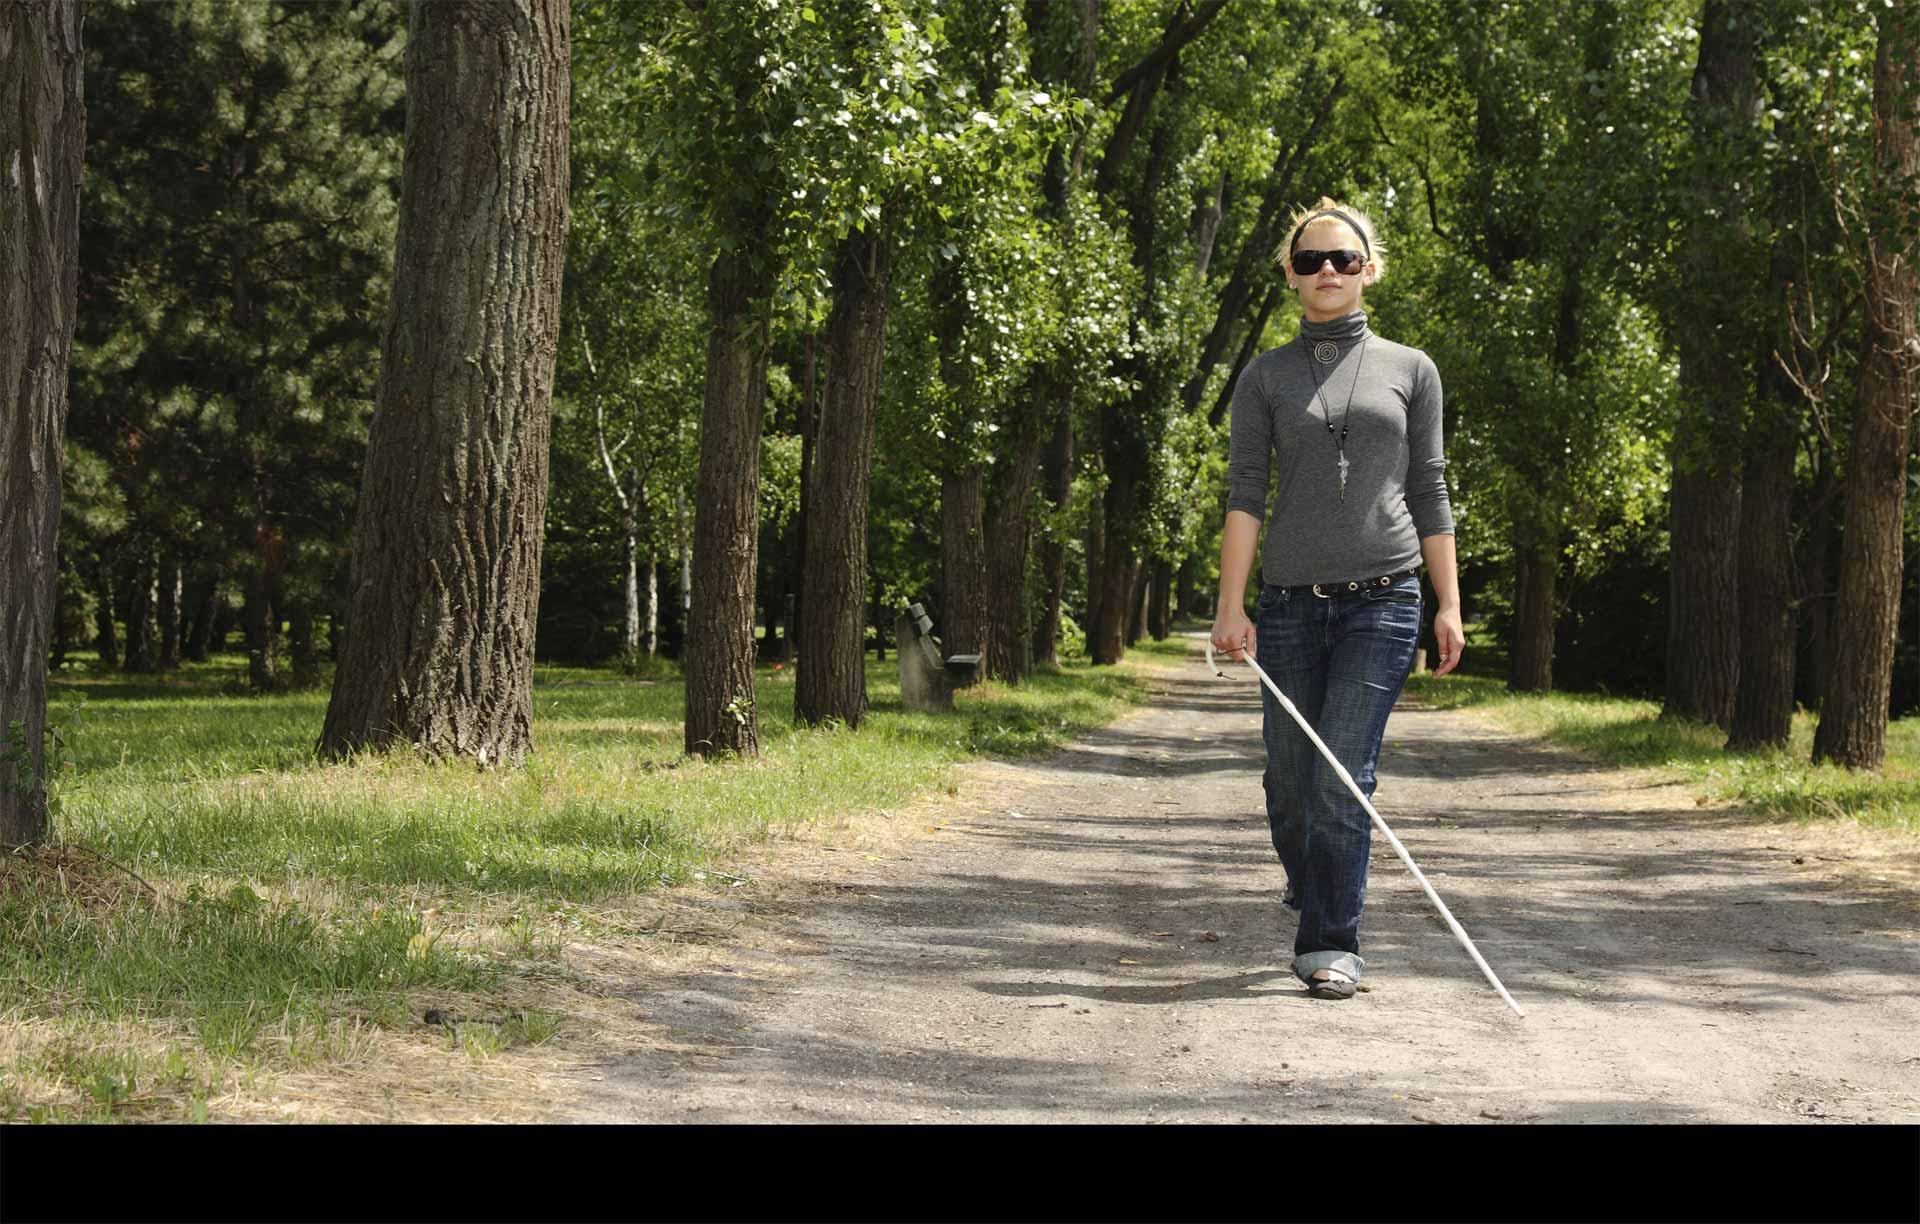 La nueva aplicación funciona como un GPS para los discapacitados